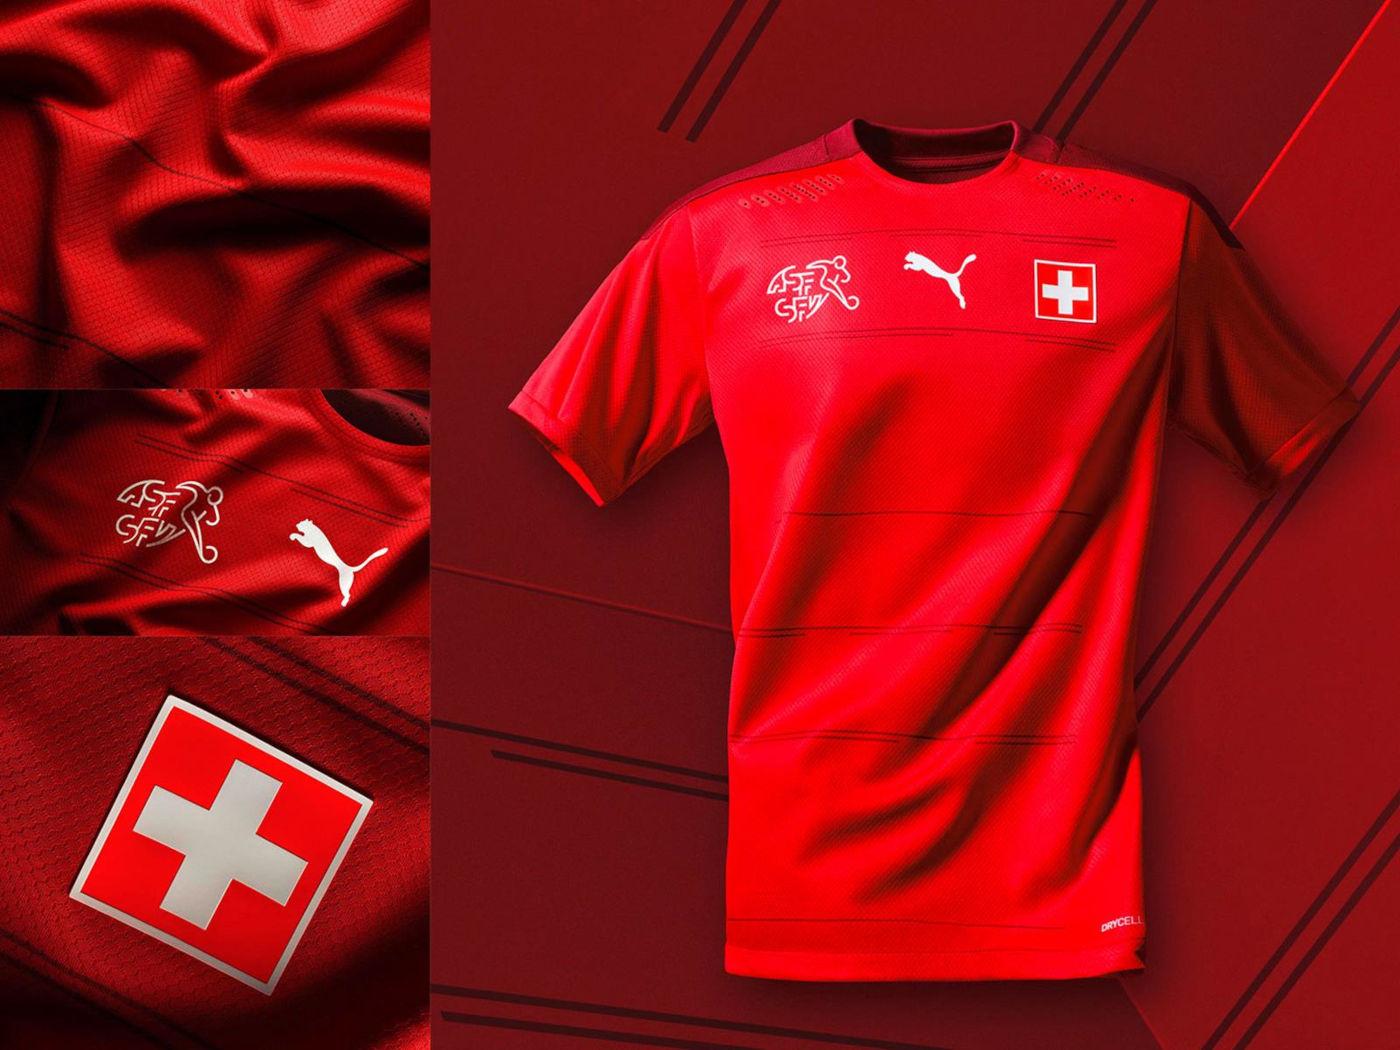 Maglia Svizzera 2020-2021, due toni di rosso per Puma